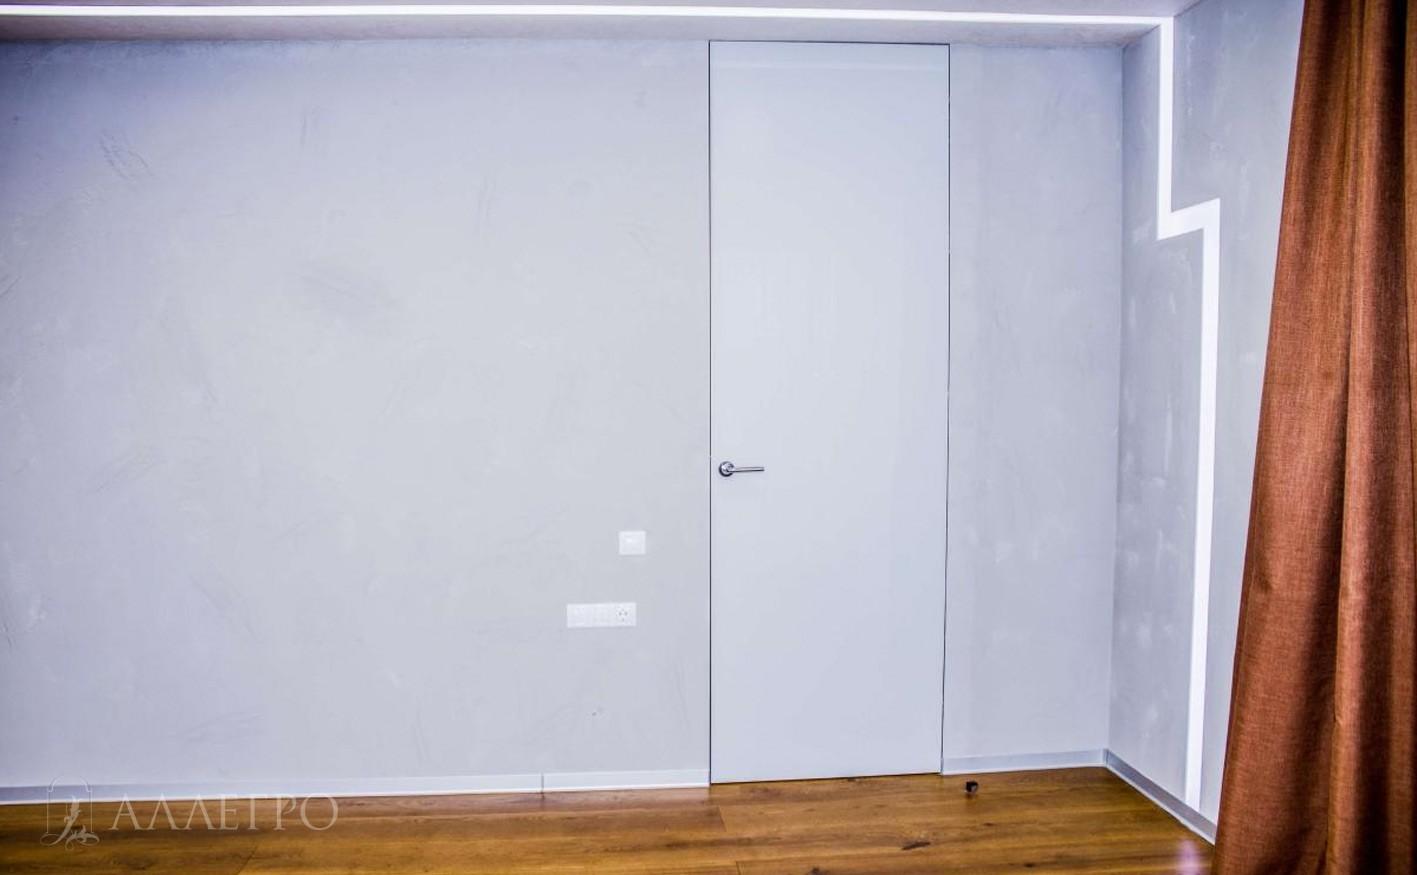 Нестандартная высота двери придает ей особенную эстетику